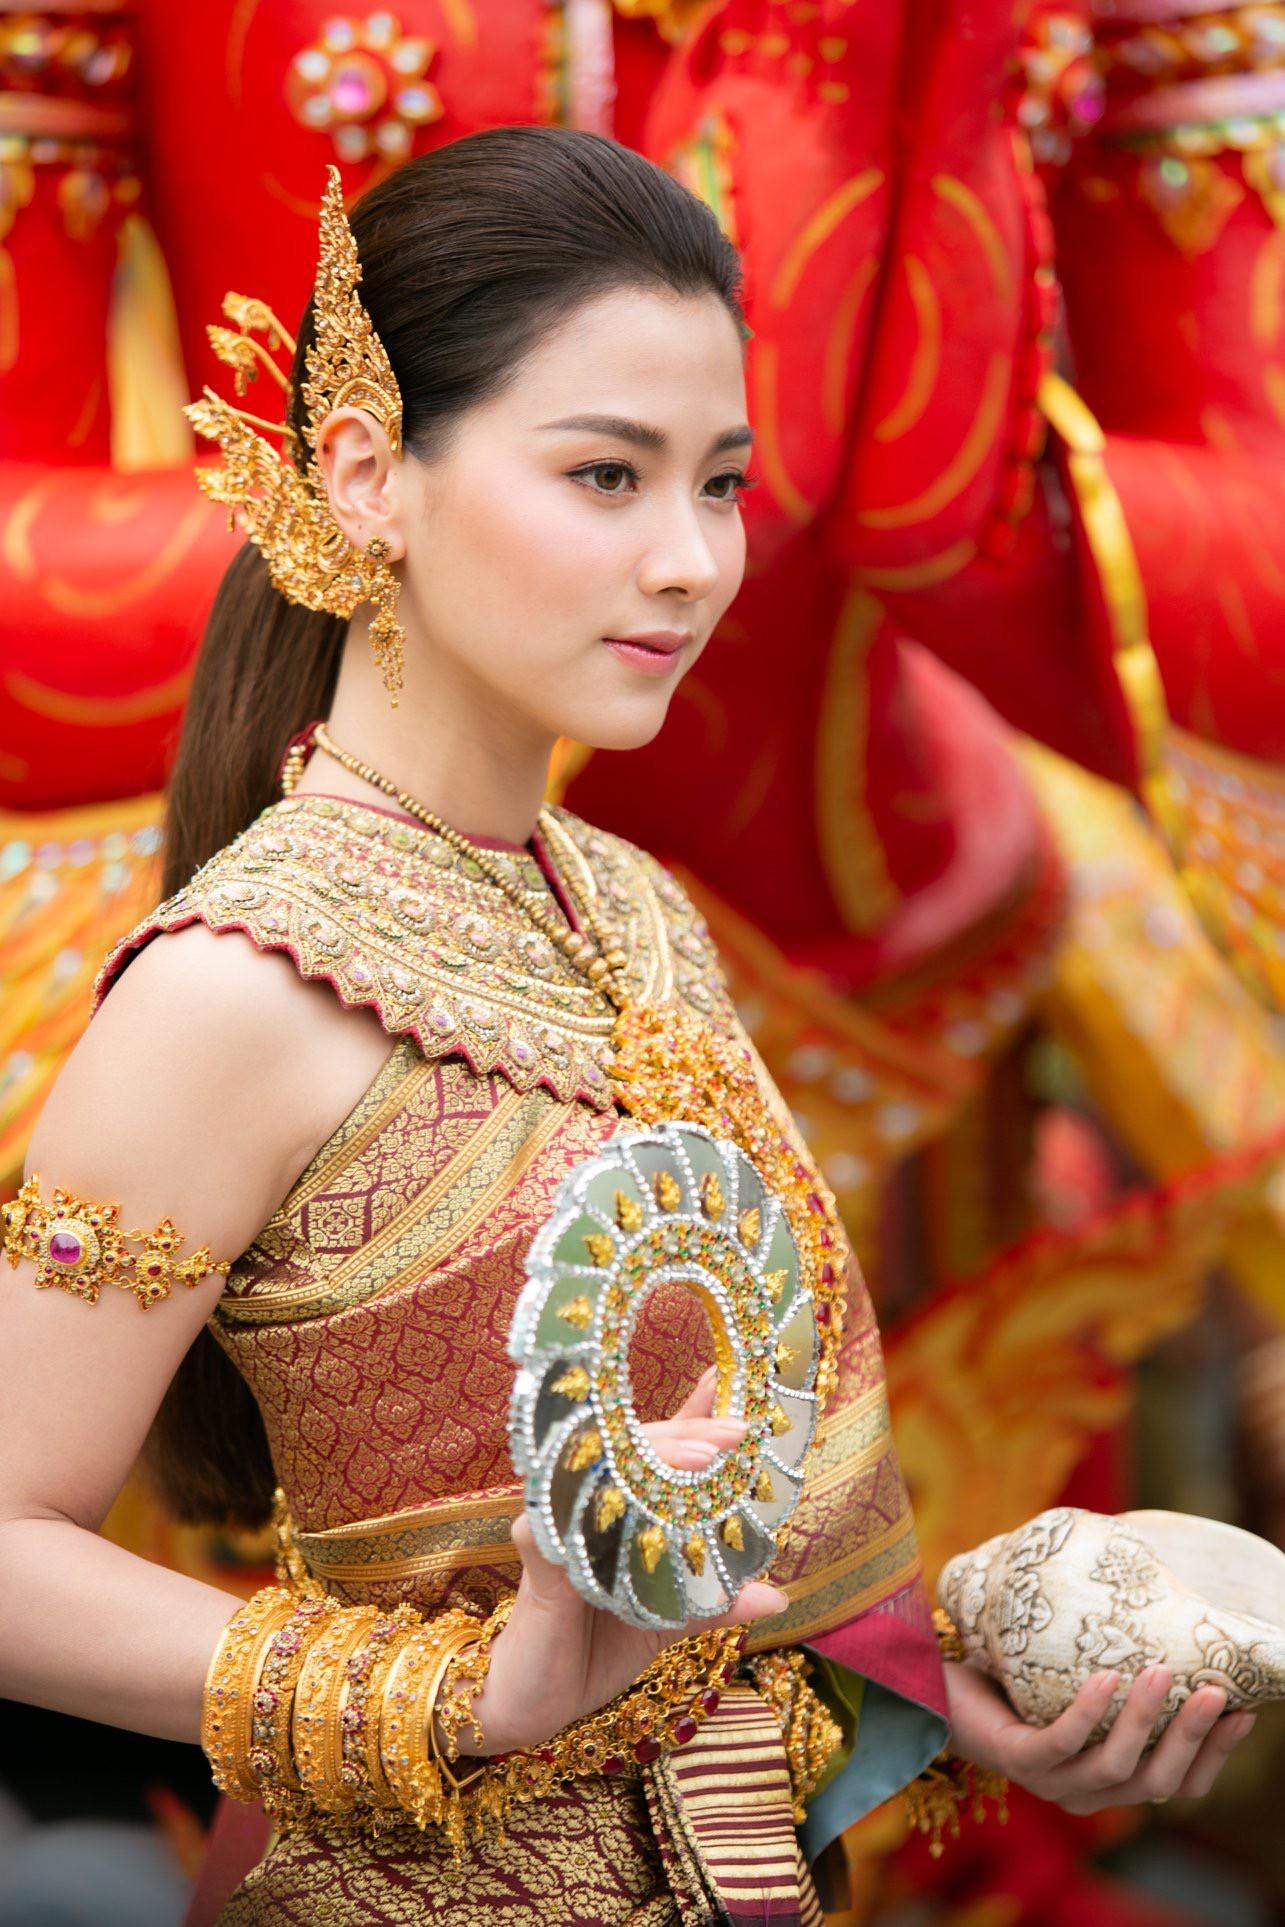 Dân tình náo loạn với nhan sắc cực phẩm của nữ thần Thungsa trong lễ Songkran 2019 tại Thái Lan - Ảnh 4.